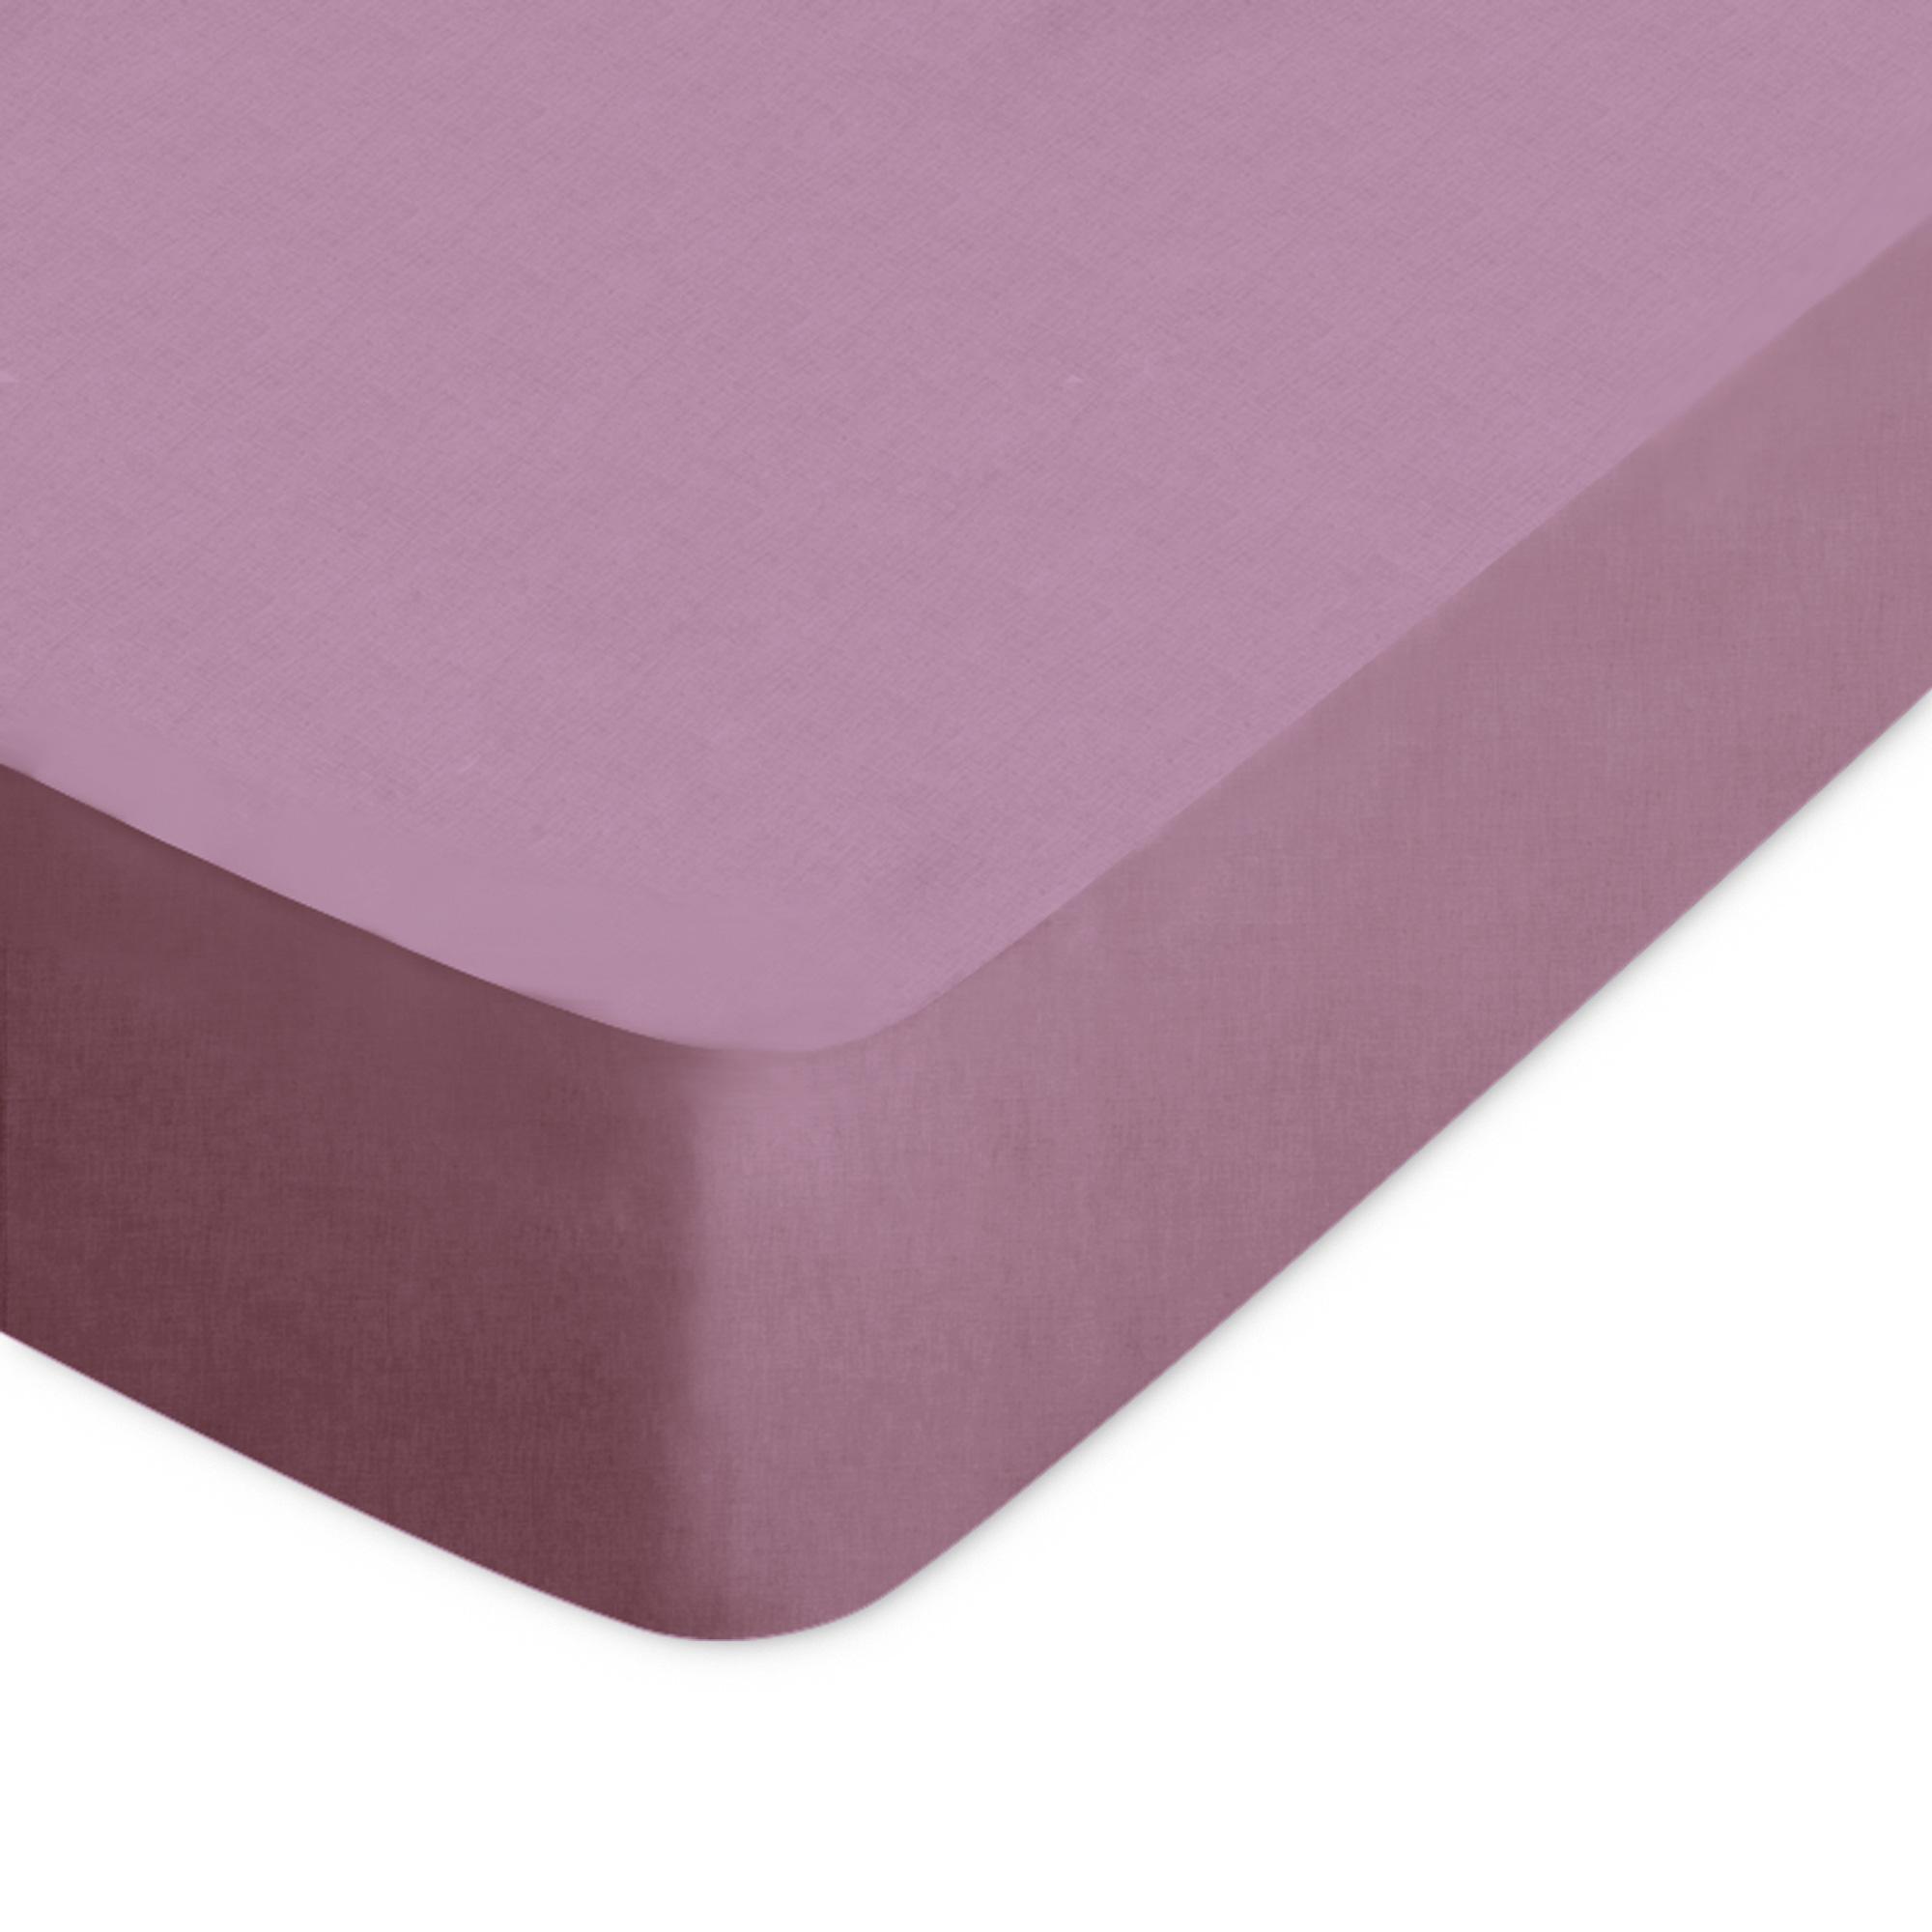 drap housse 70 x 150 Drap housse 70x150cm uni pur coton ALTO violet Raisin | Linnea  drap housse 70 x 150